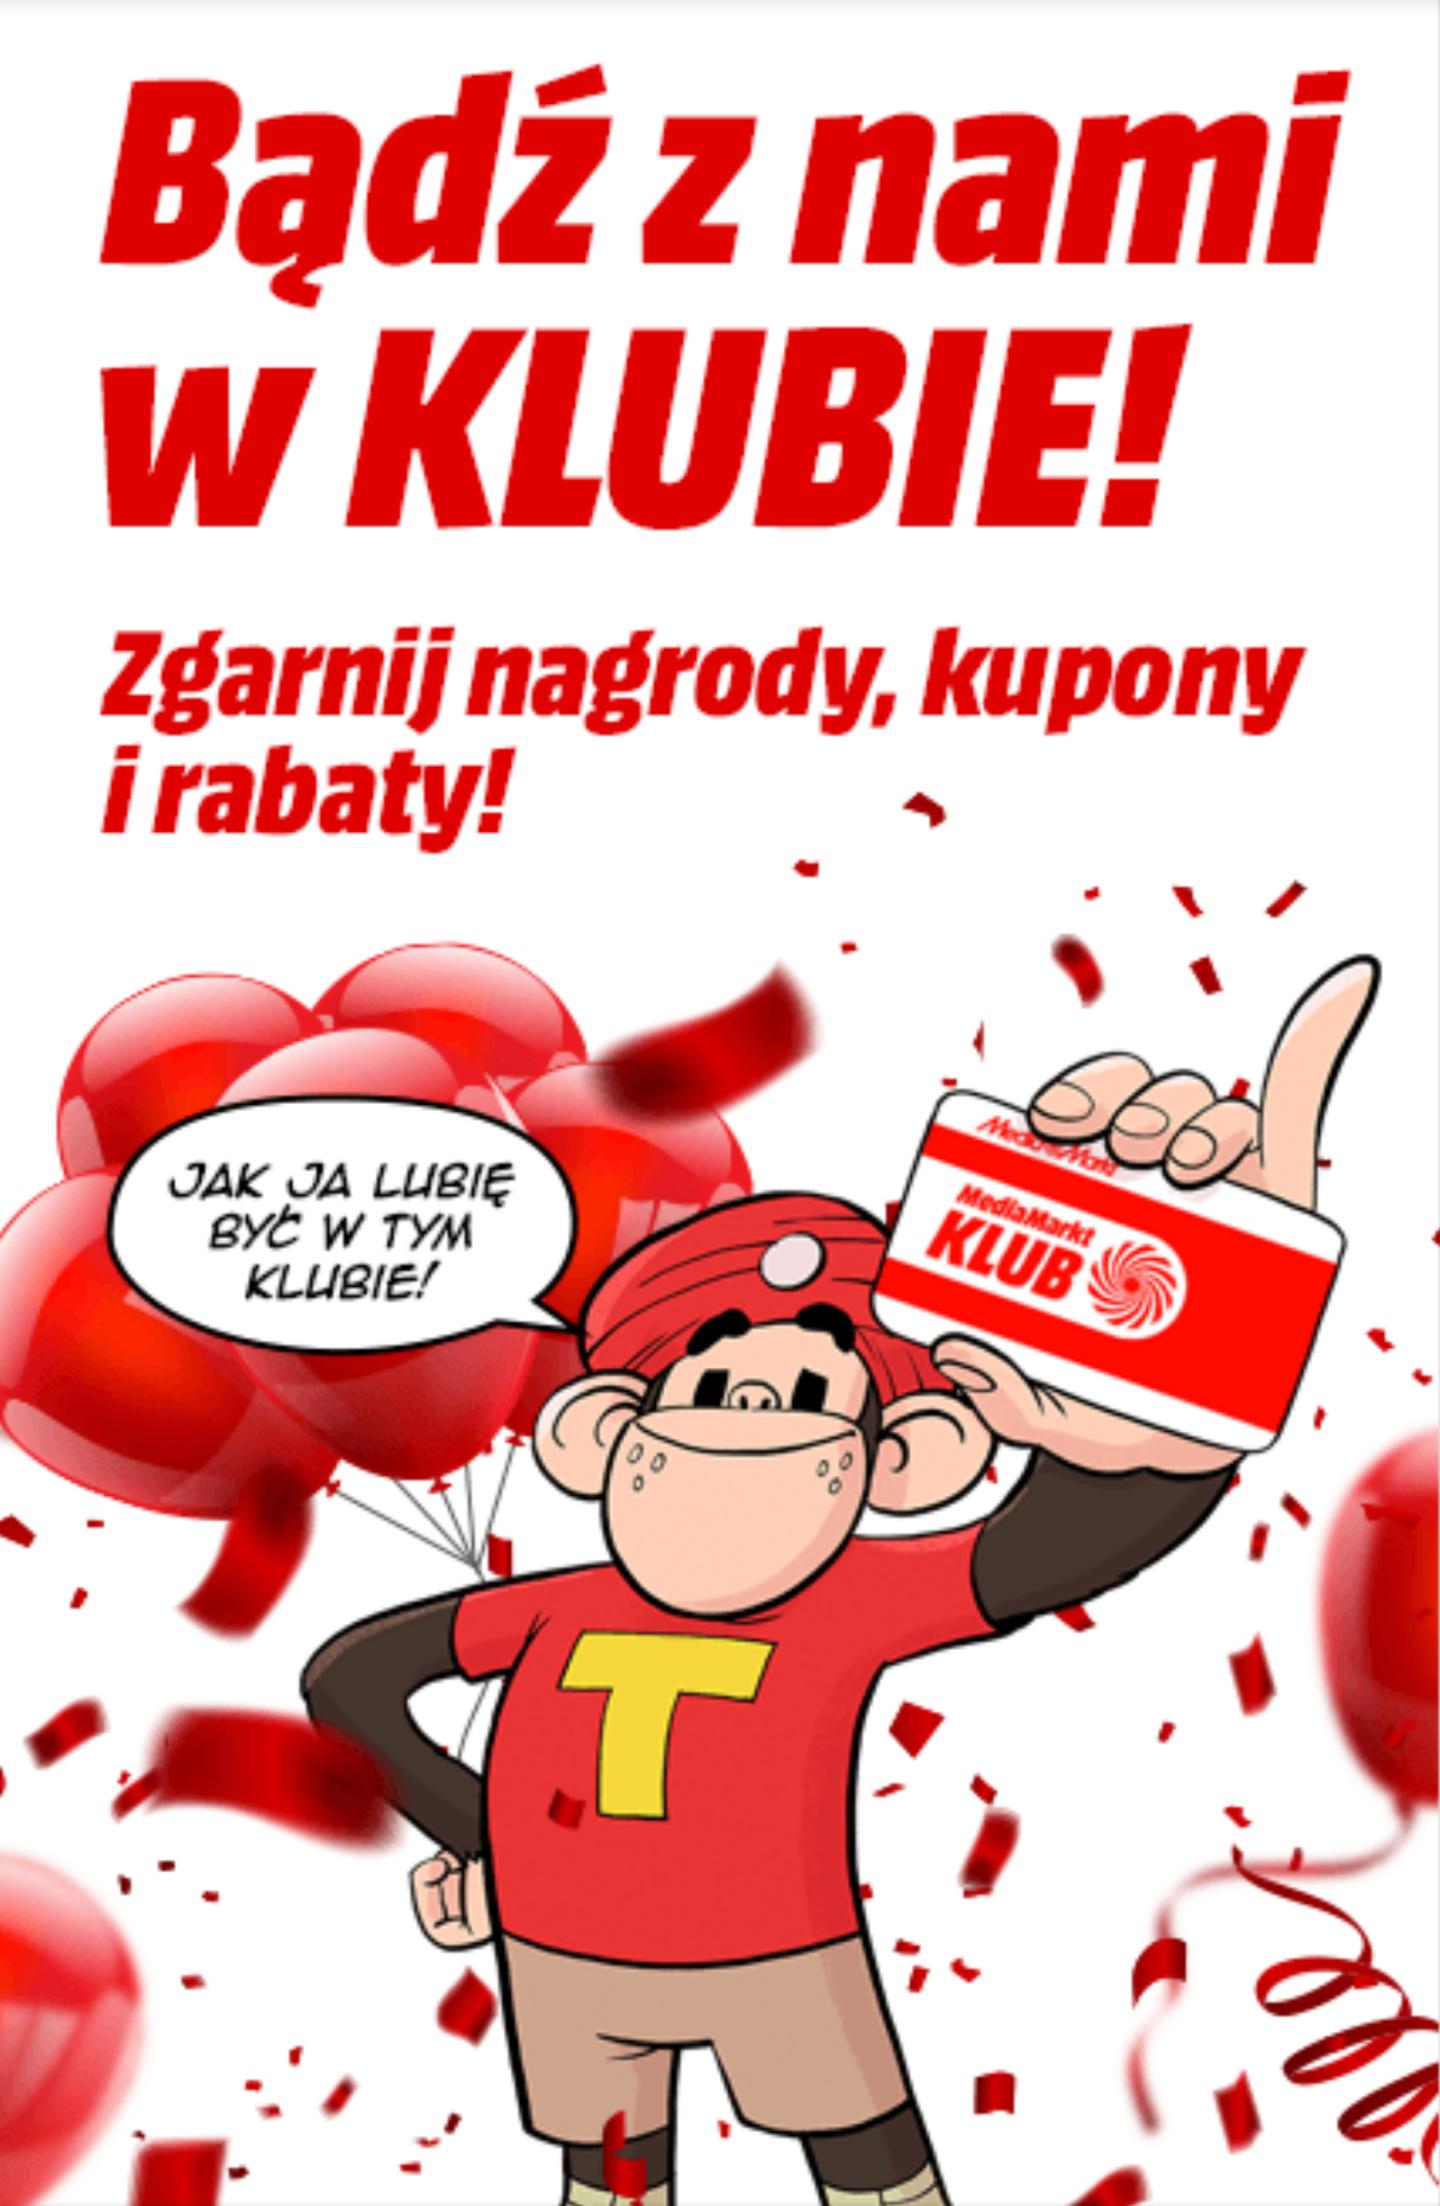 Kupon 40 zł od Klub MediaMarkt (MWZ 240 zł)